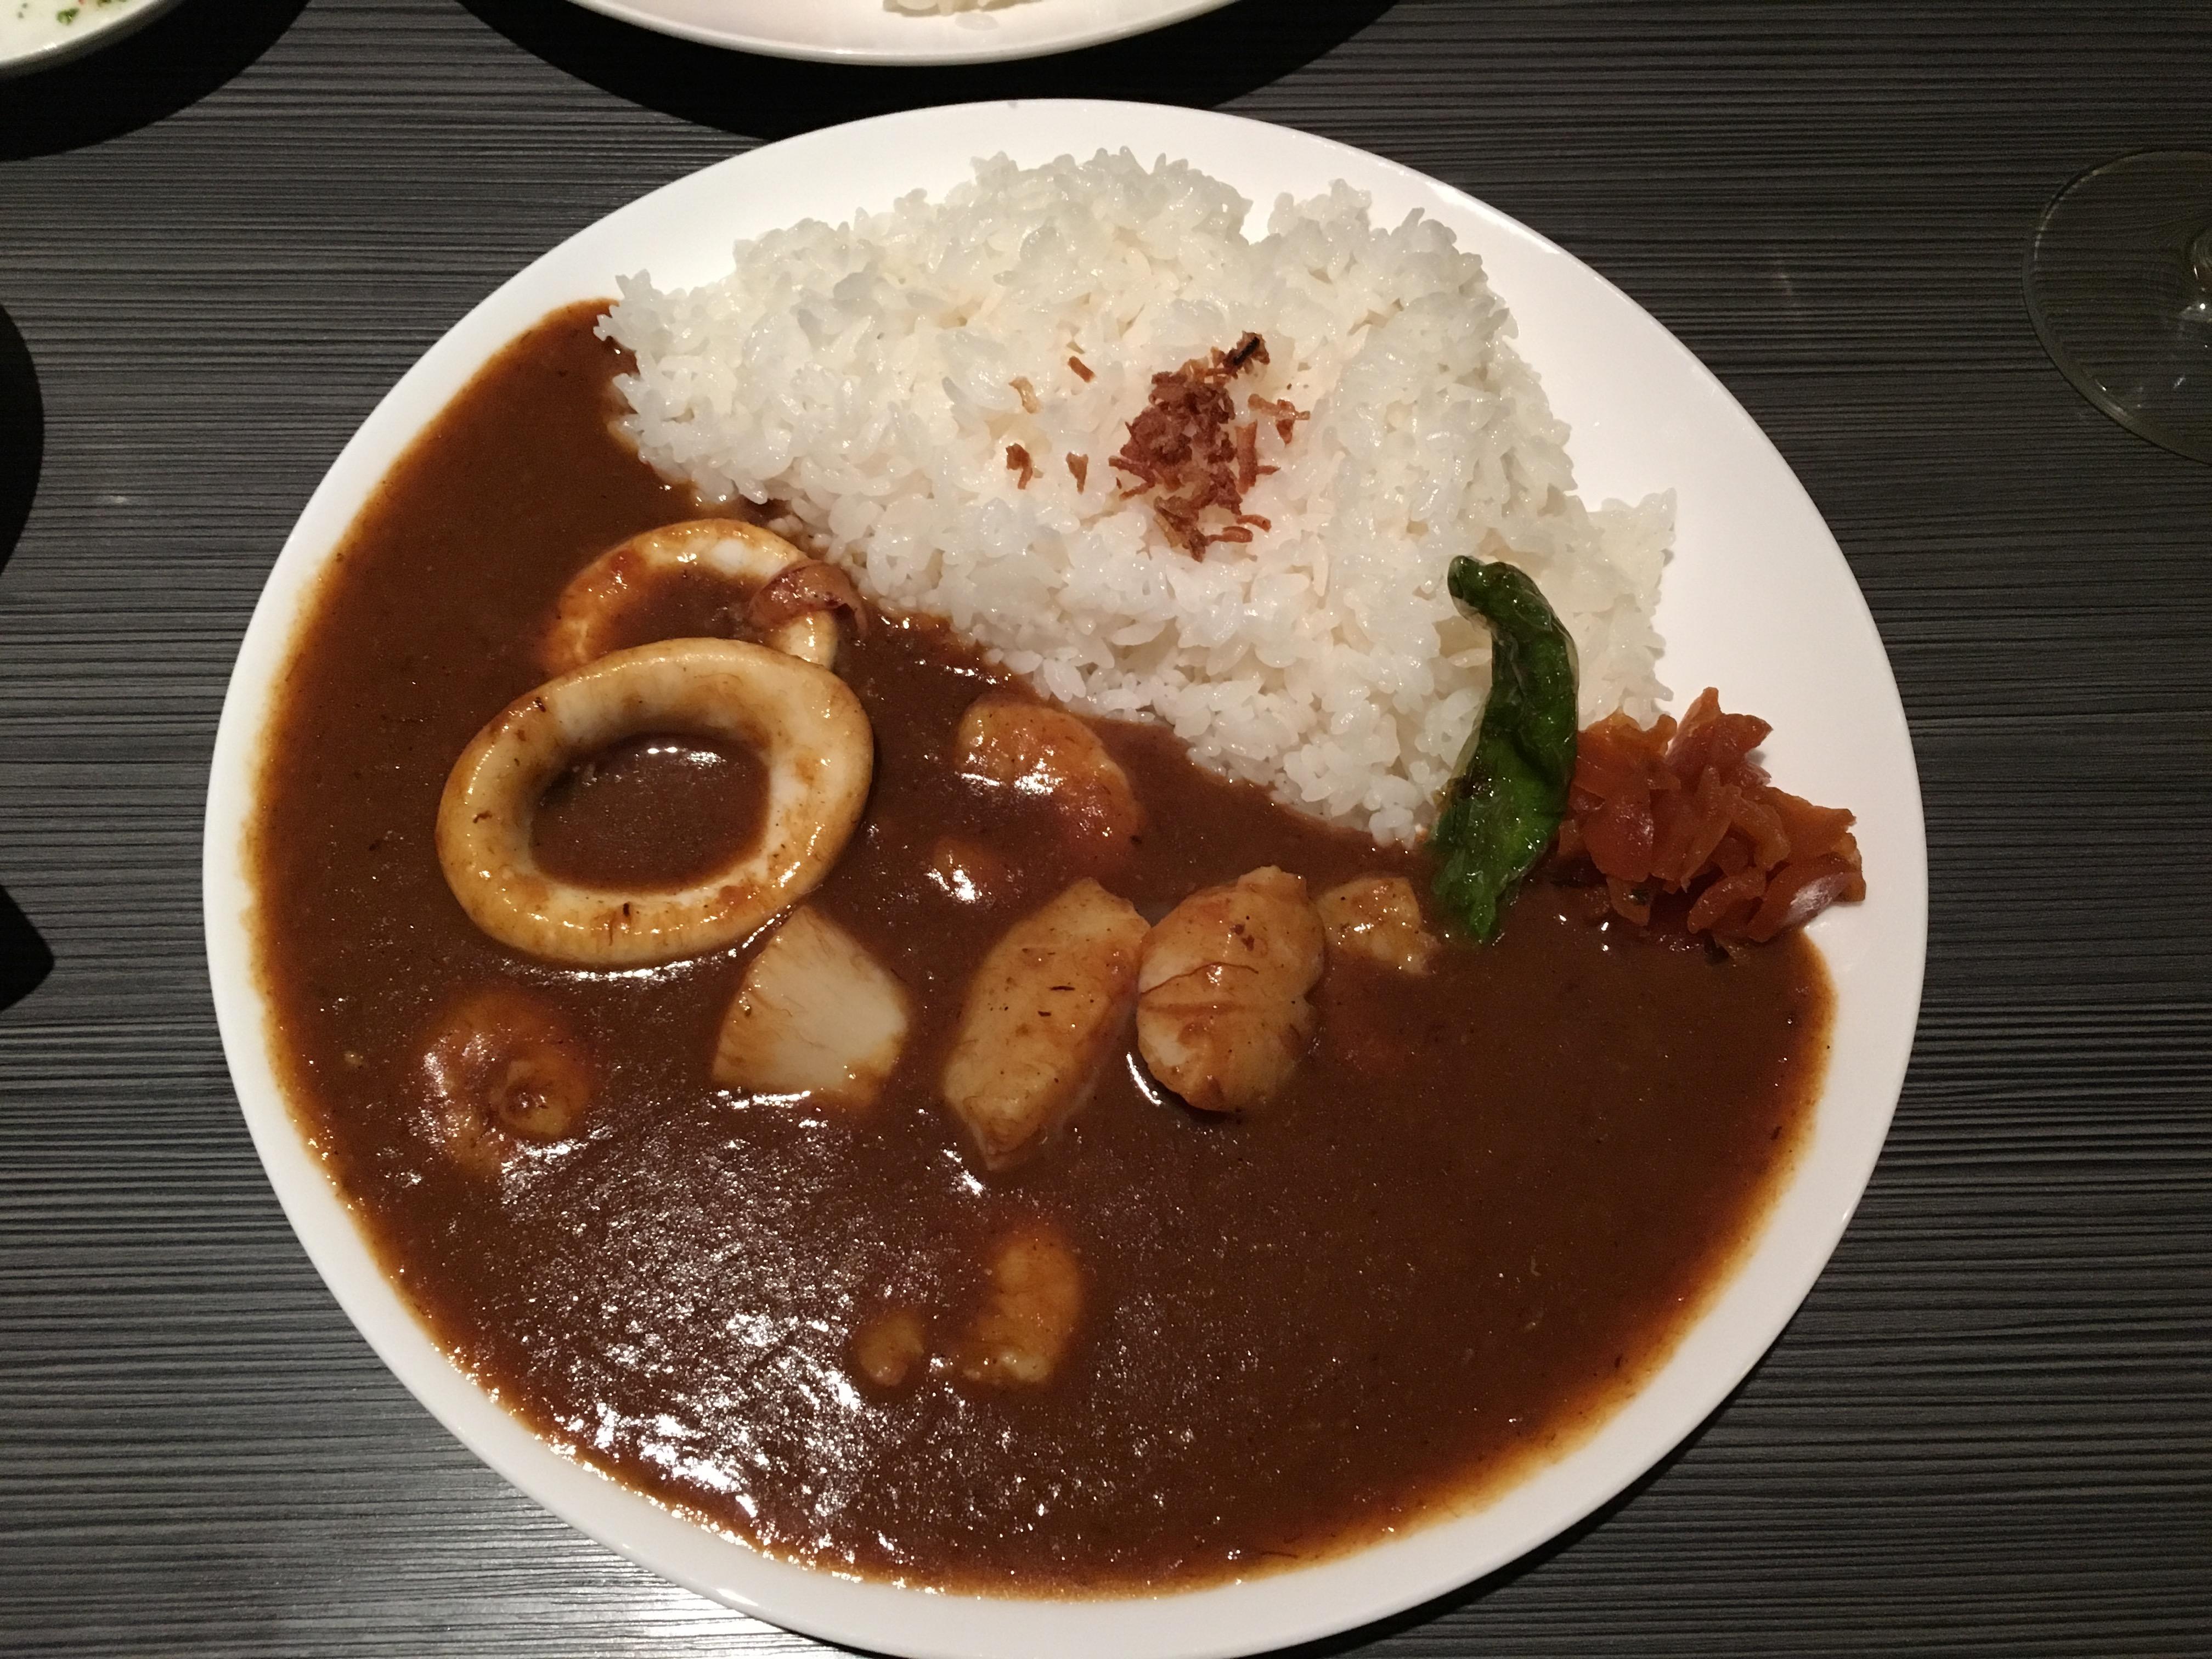 Naoshima curry